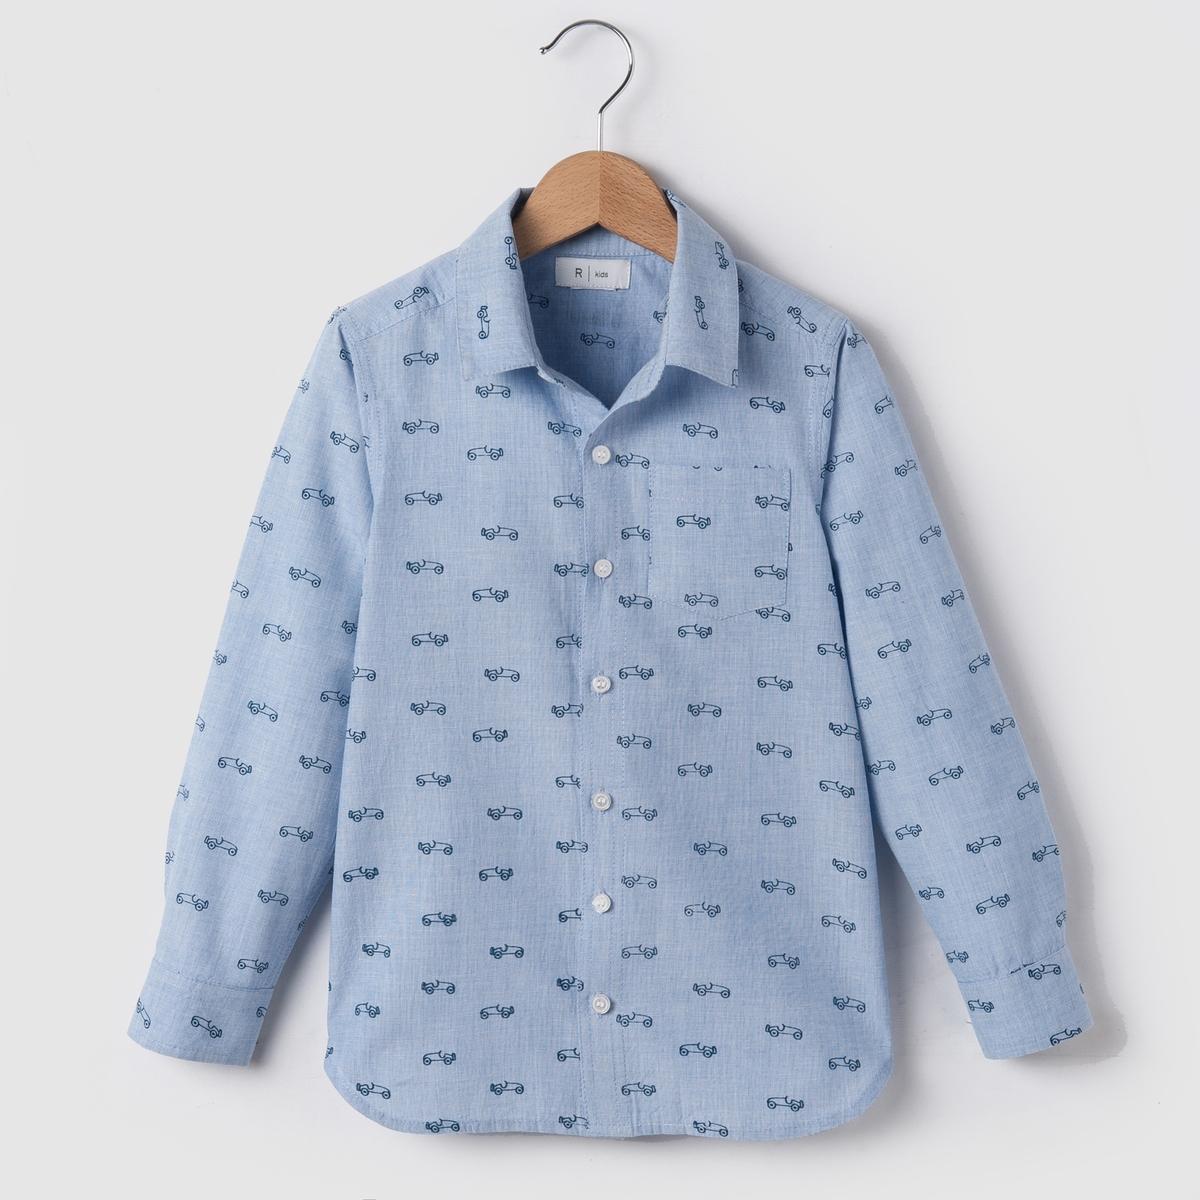 Рубашка с рисунком машины, 3-12 летРубашка из двухцветной ткани с голубой нитью с рисунком машины. Застежка и манжеты на пуговицах. 1 нагрудный карман.    Состав и описание : МатериалДвухцветная ткань с голубой нитью, 100% хлопкаМарка      R essentielУход :Машинная стирка при 40 °С с вещами схожих цветов.Стирка и глажка с изнаночной стороны.Машинная сушка в обычном режиме.Гладить при умеренной температуре.<br><br>Цвет: наб. рисунок синий